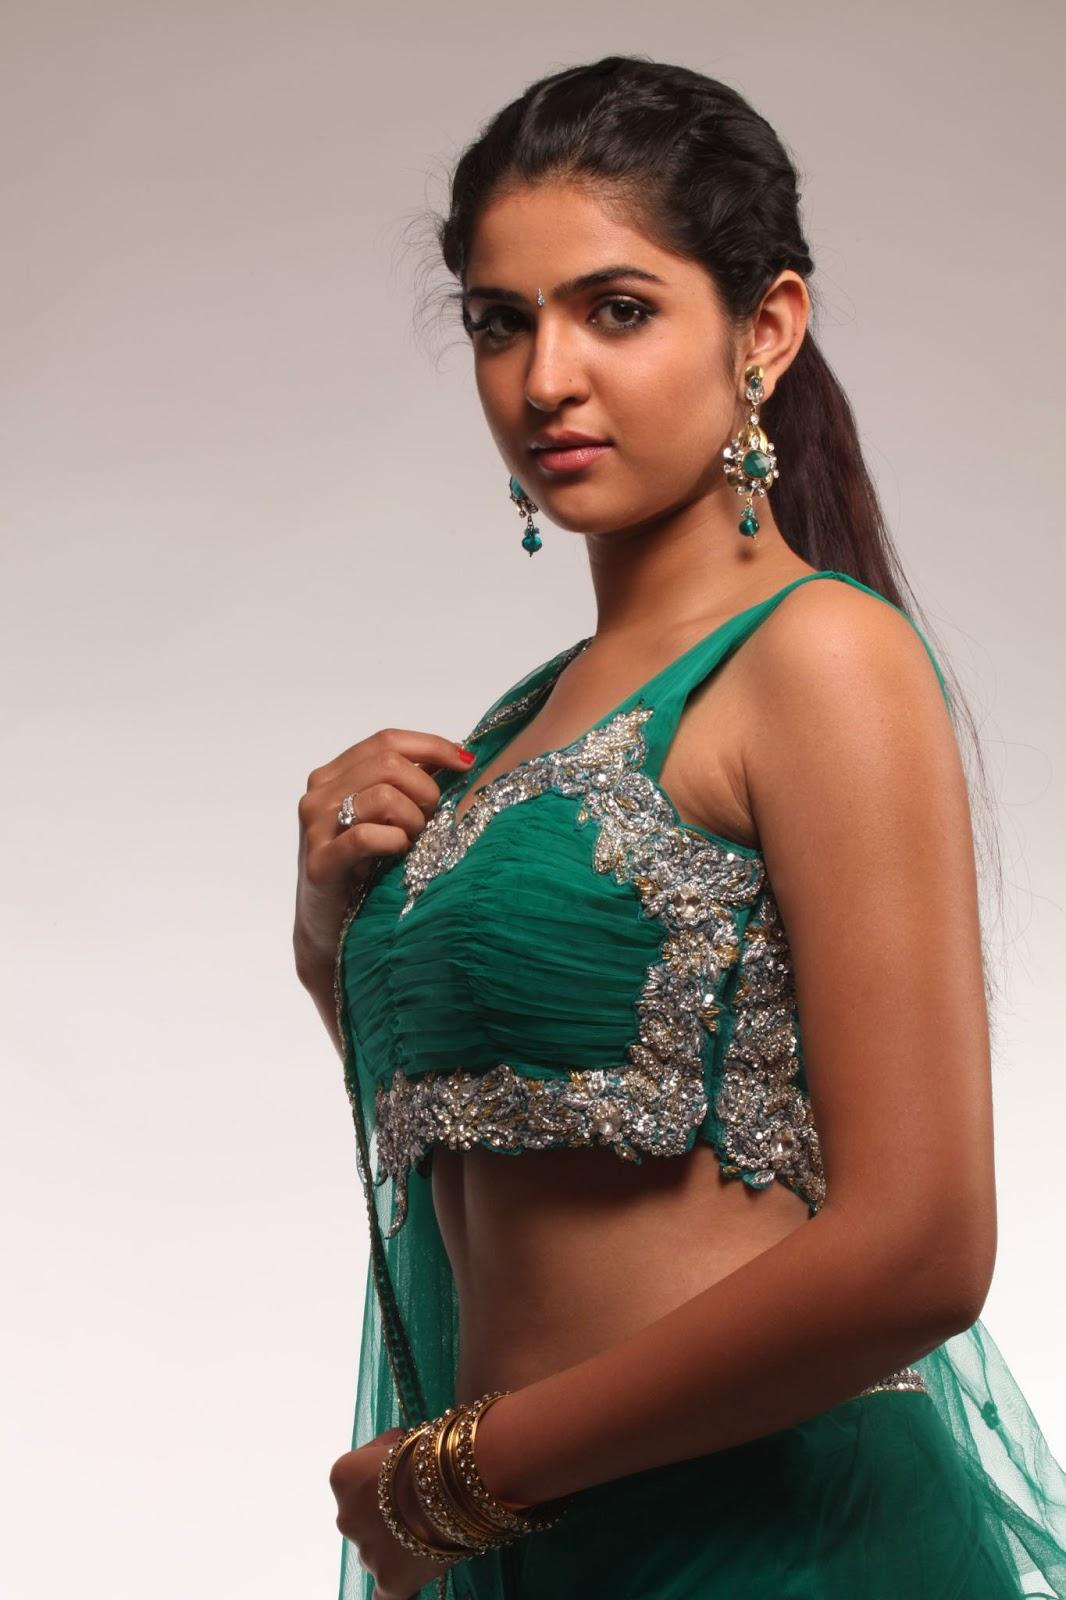 mallusouthactress: Young Desi Indian Actress and Girls Photos